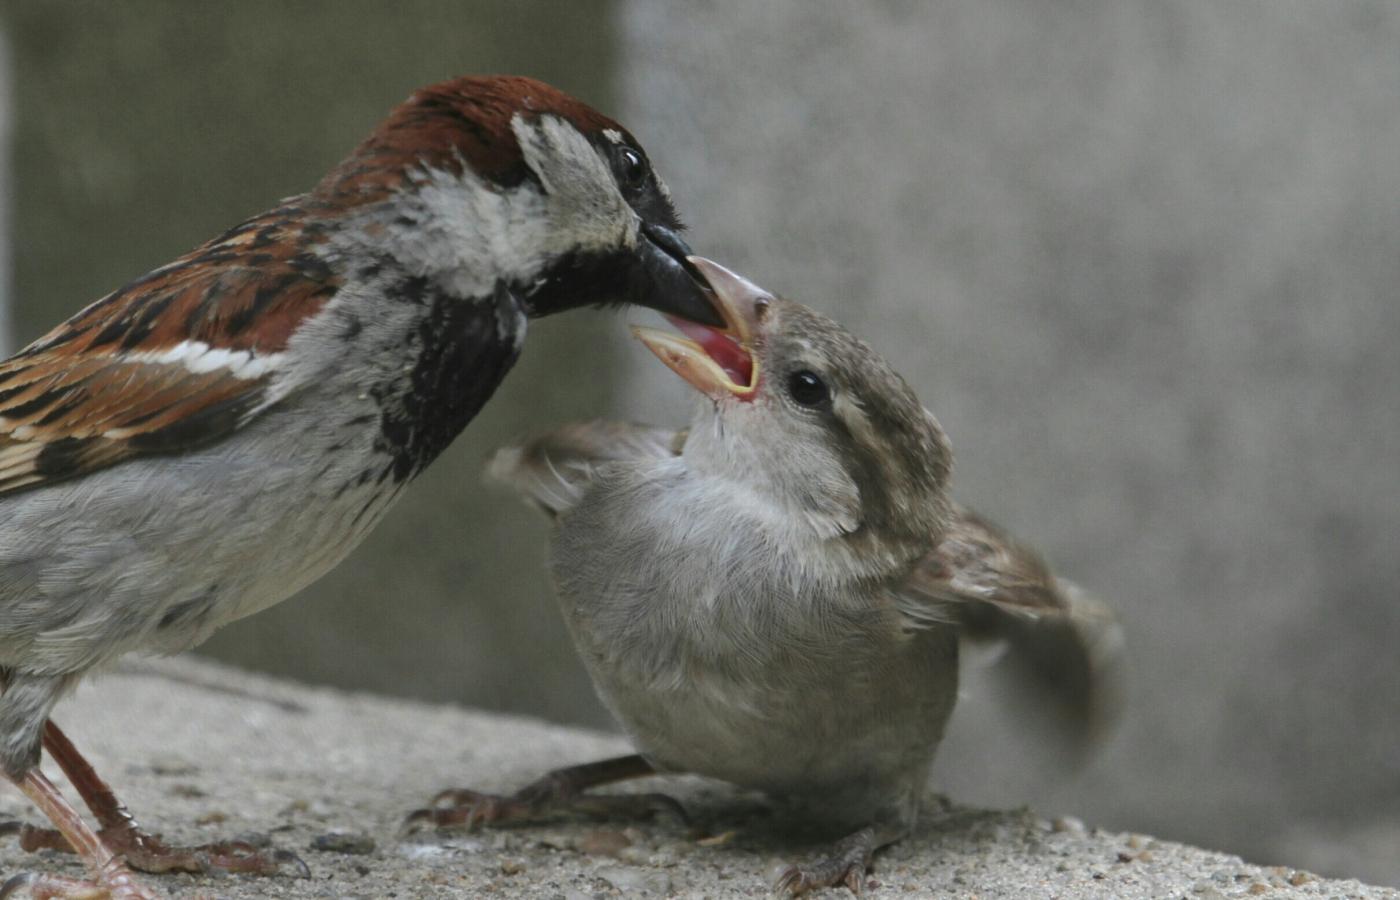 【田螺摄影】在公园拍麻雀喂养_图1-17